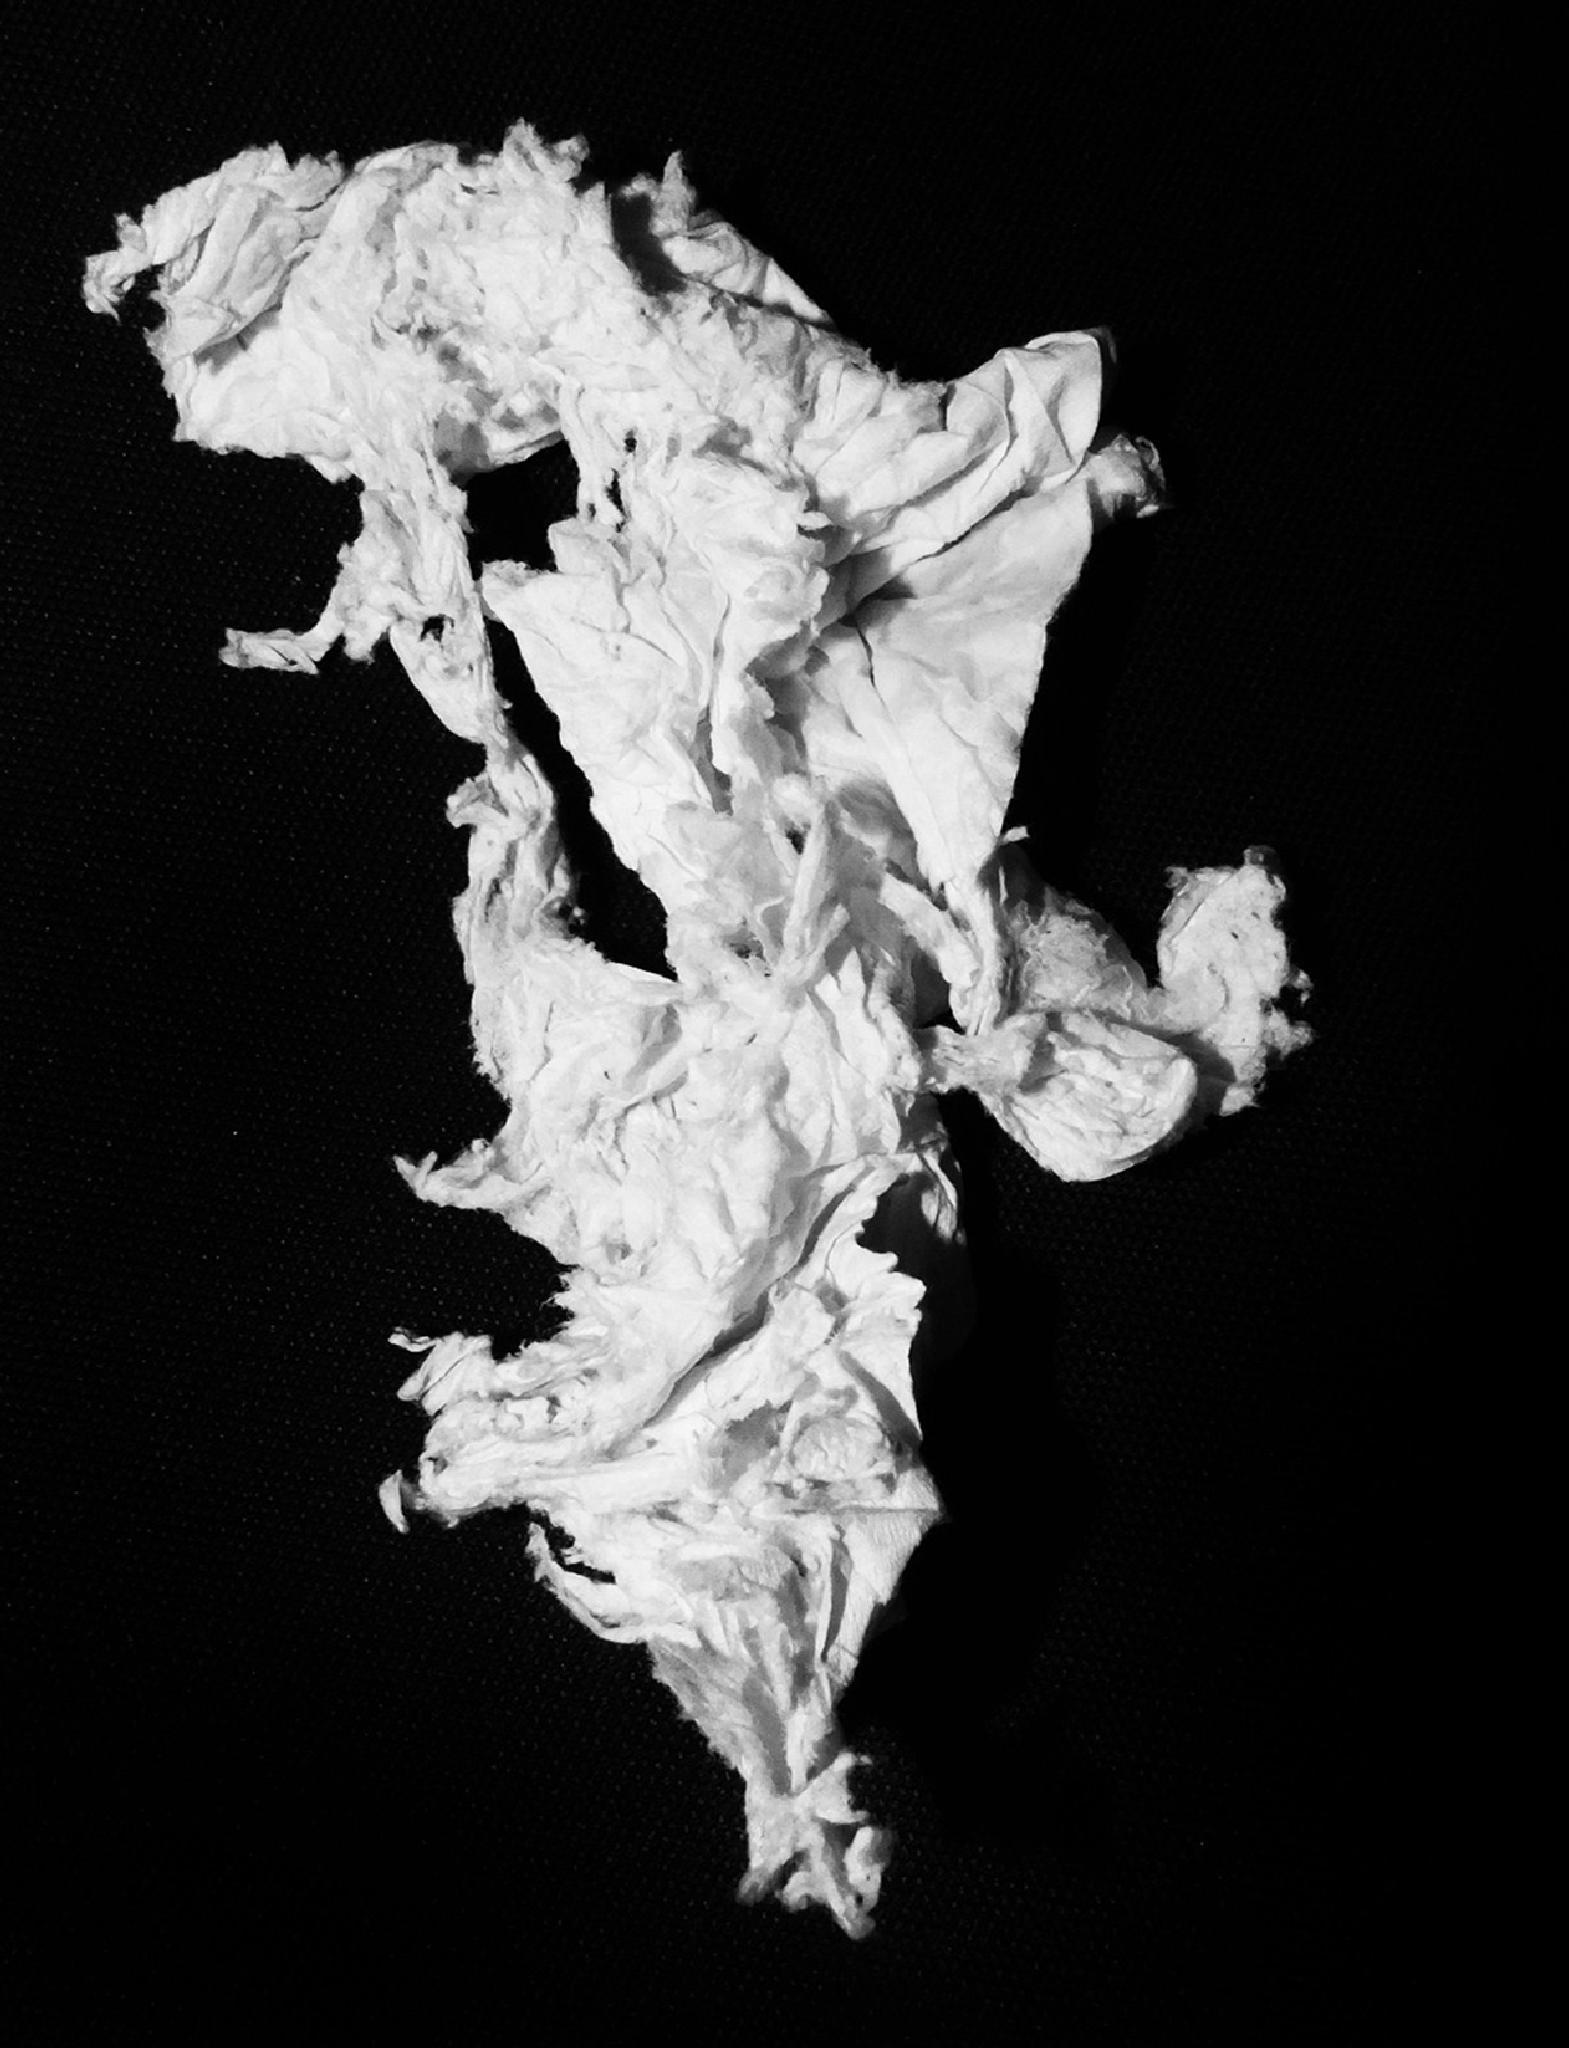 Scar Tissue by arteryni